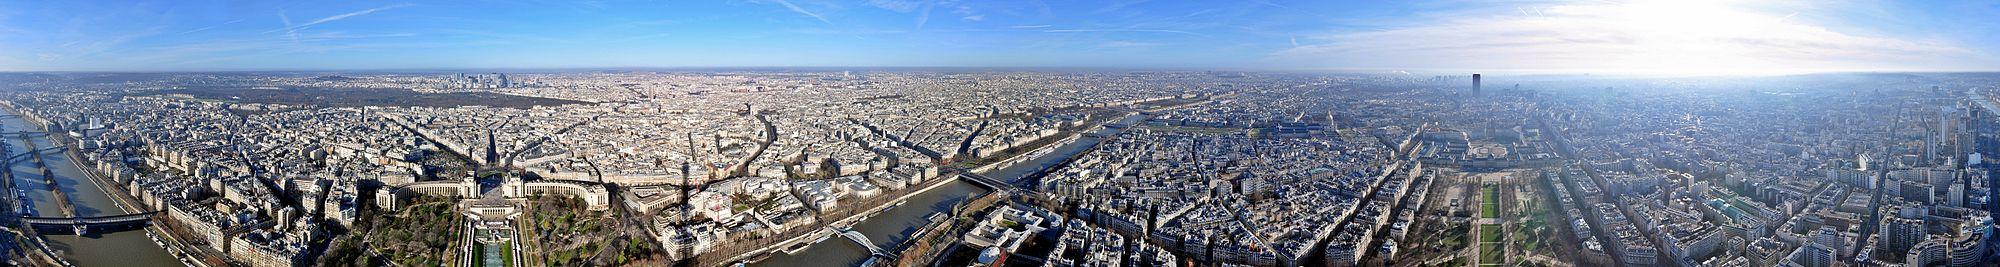 Uitzicht op Parijs vanaf de Eiffeltoren